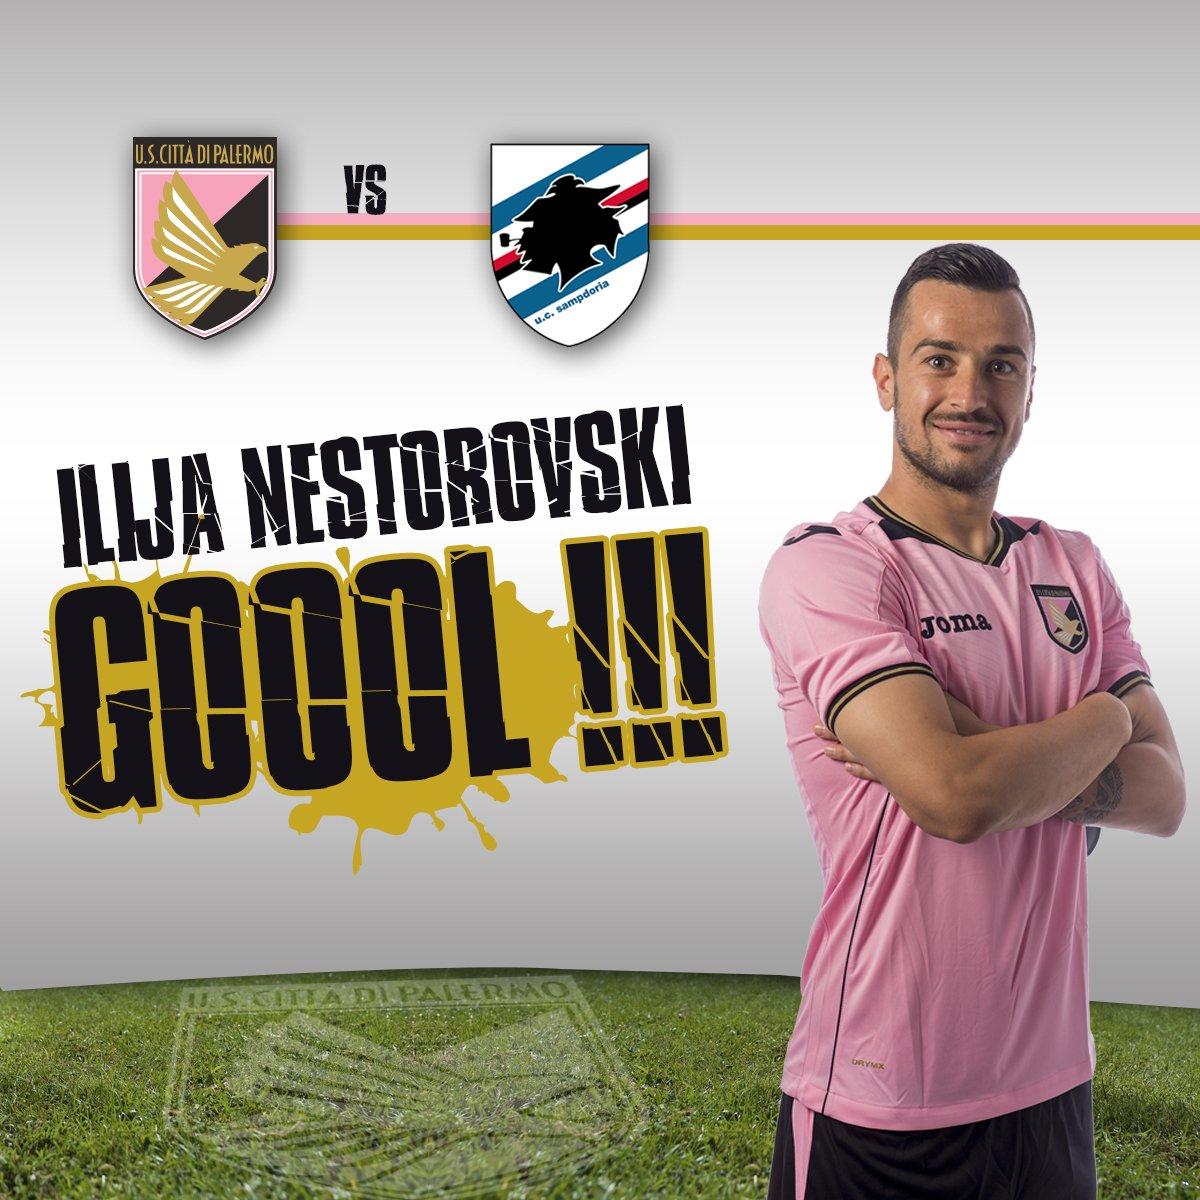 #PalermoSamp 1-0, 31': rigore perfetto di Nestorovski che spiazza Vivi...